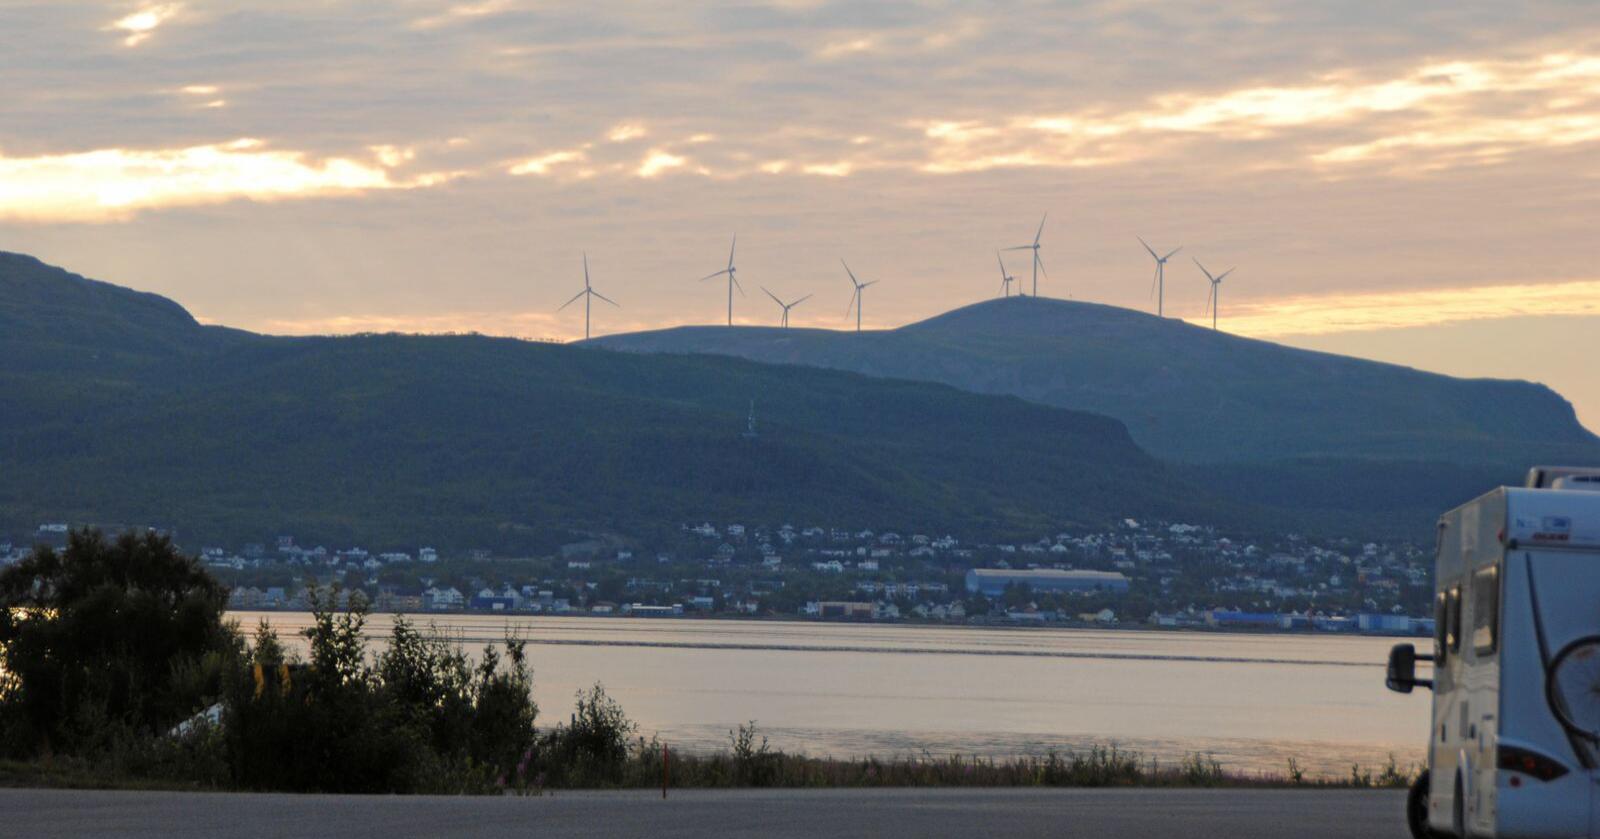 Vindkraftverket i Sortland i Nordland er eid av det finske energiselskapet Fortum. Foto: Lars Bilit Hagen